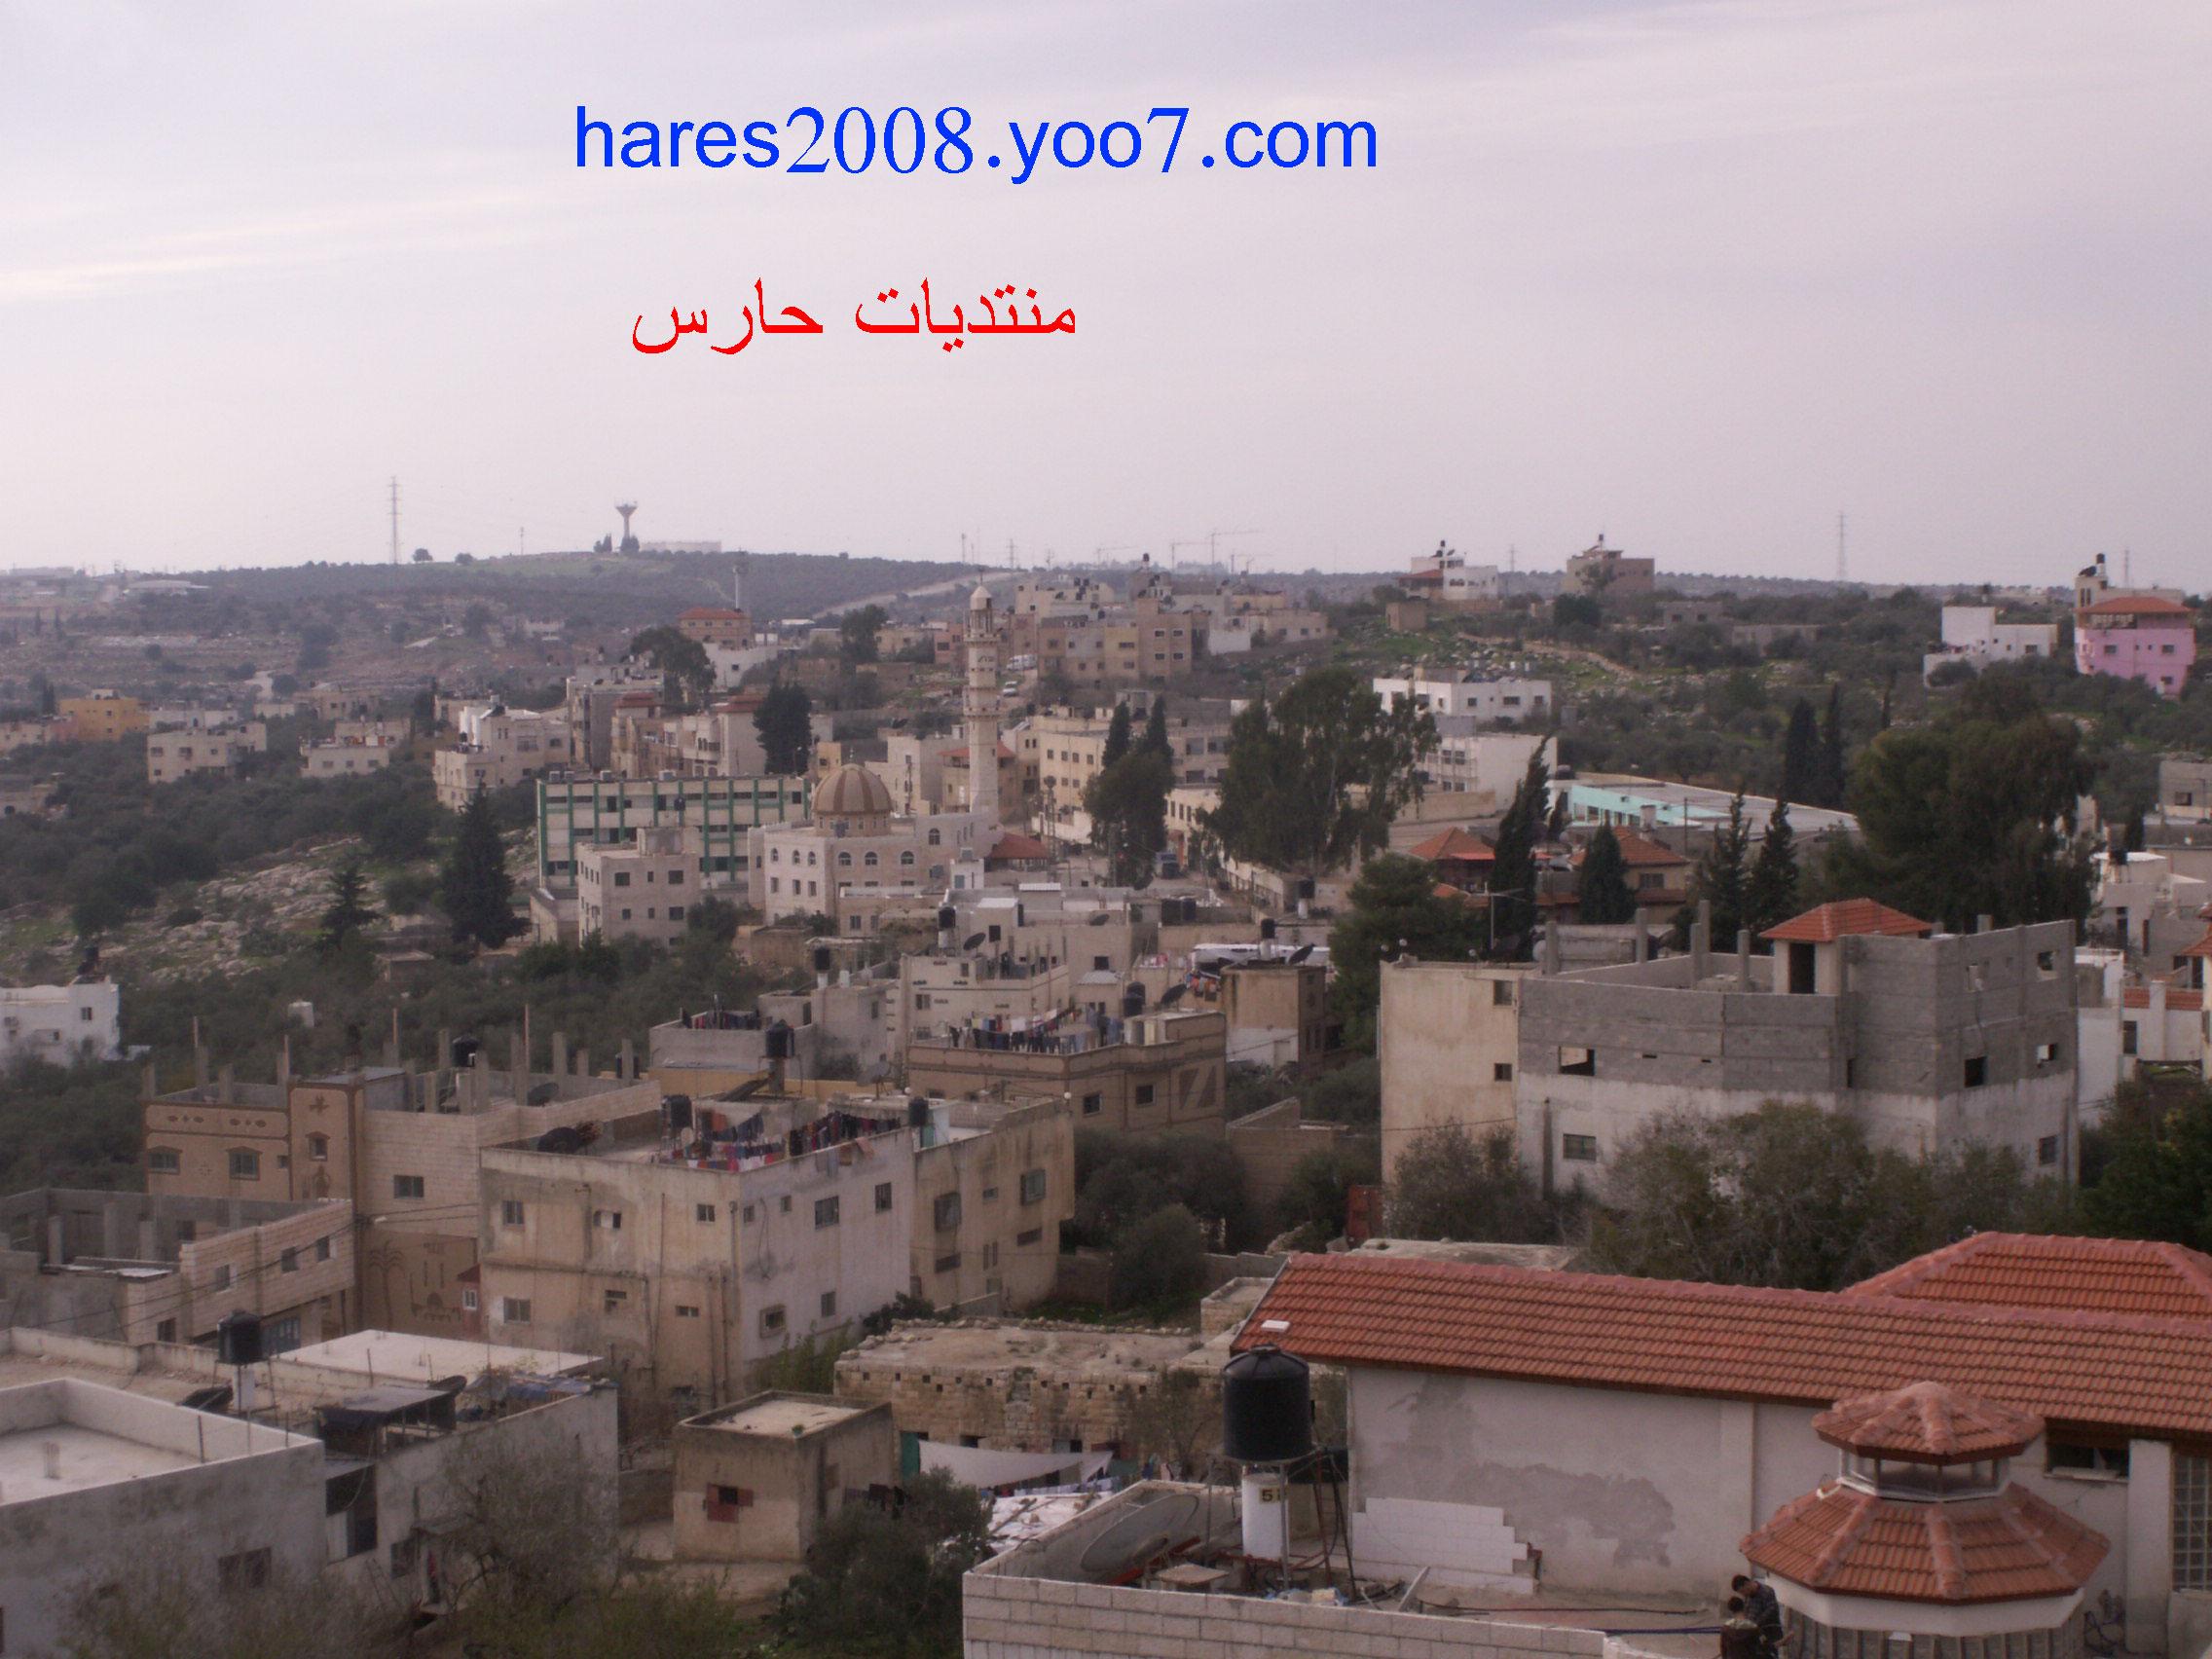 Haris-حارس: قرية حارس جديد منظر عام تصوير مشهور داوود